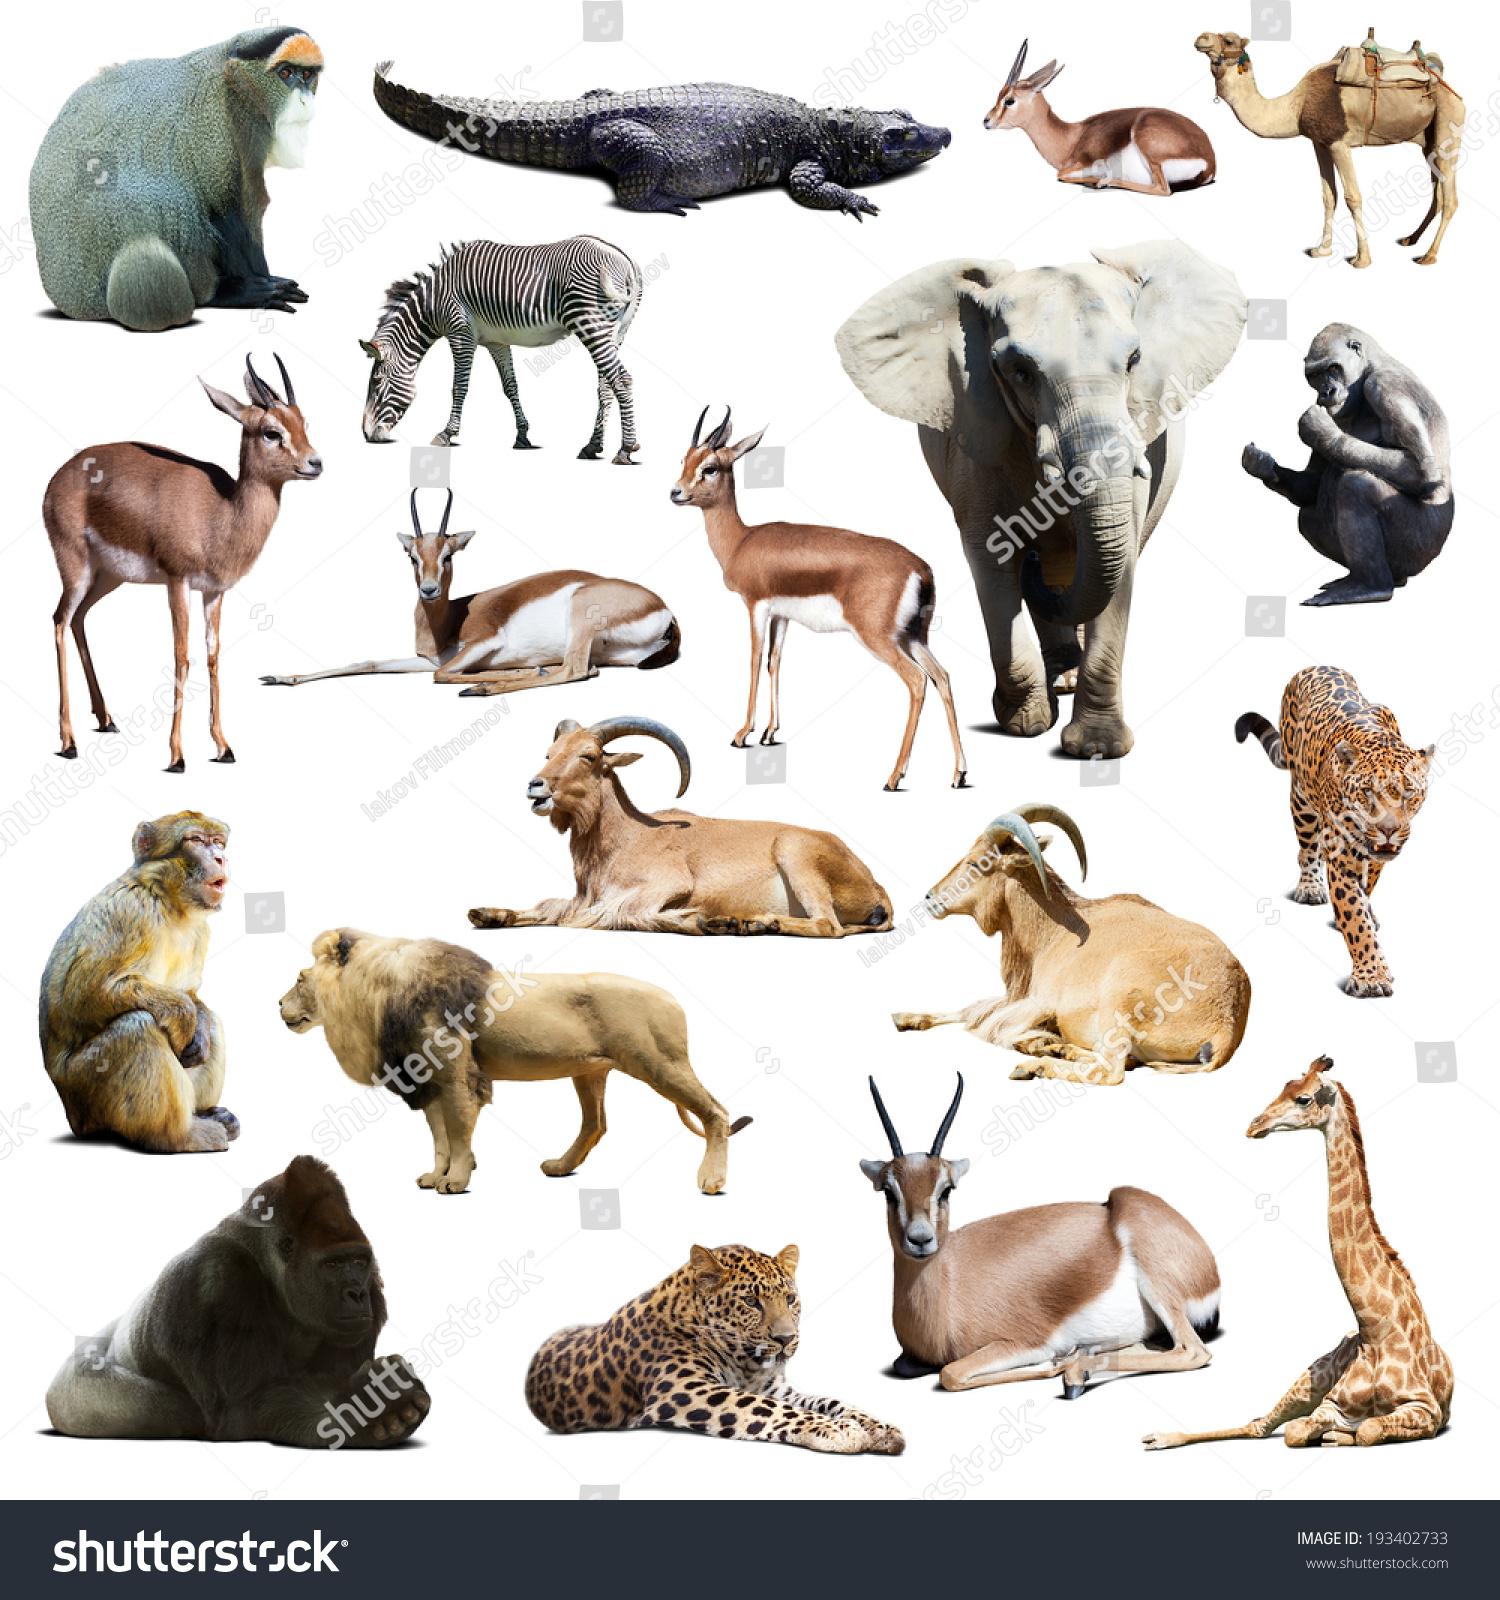 Photo De Stock De Ensemble D'animaux Africains. Isolé Sur intérieur Les Animaux De L Afrique